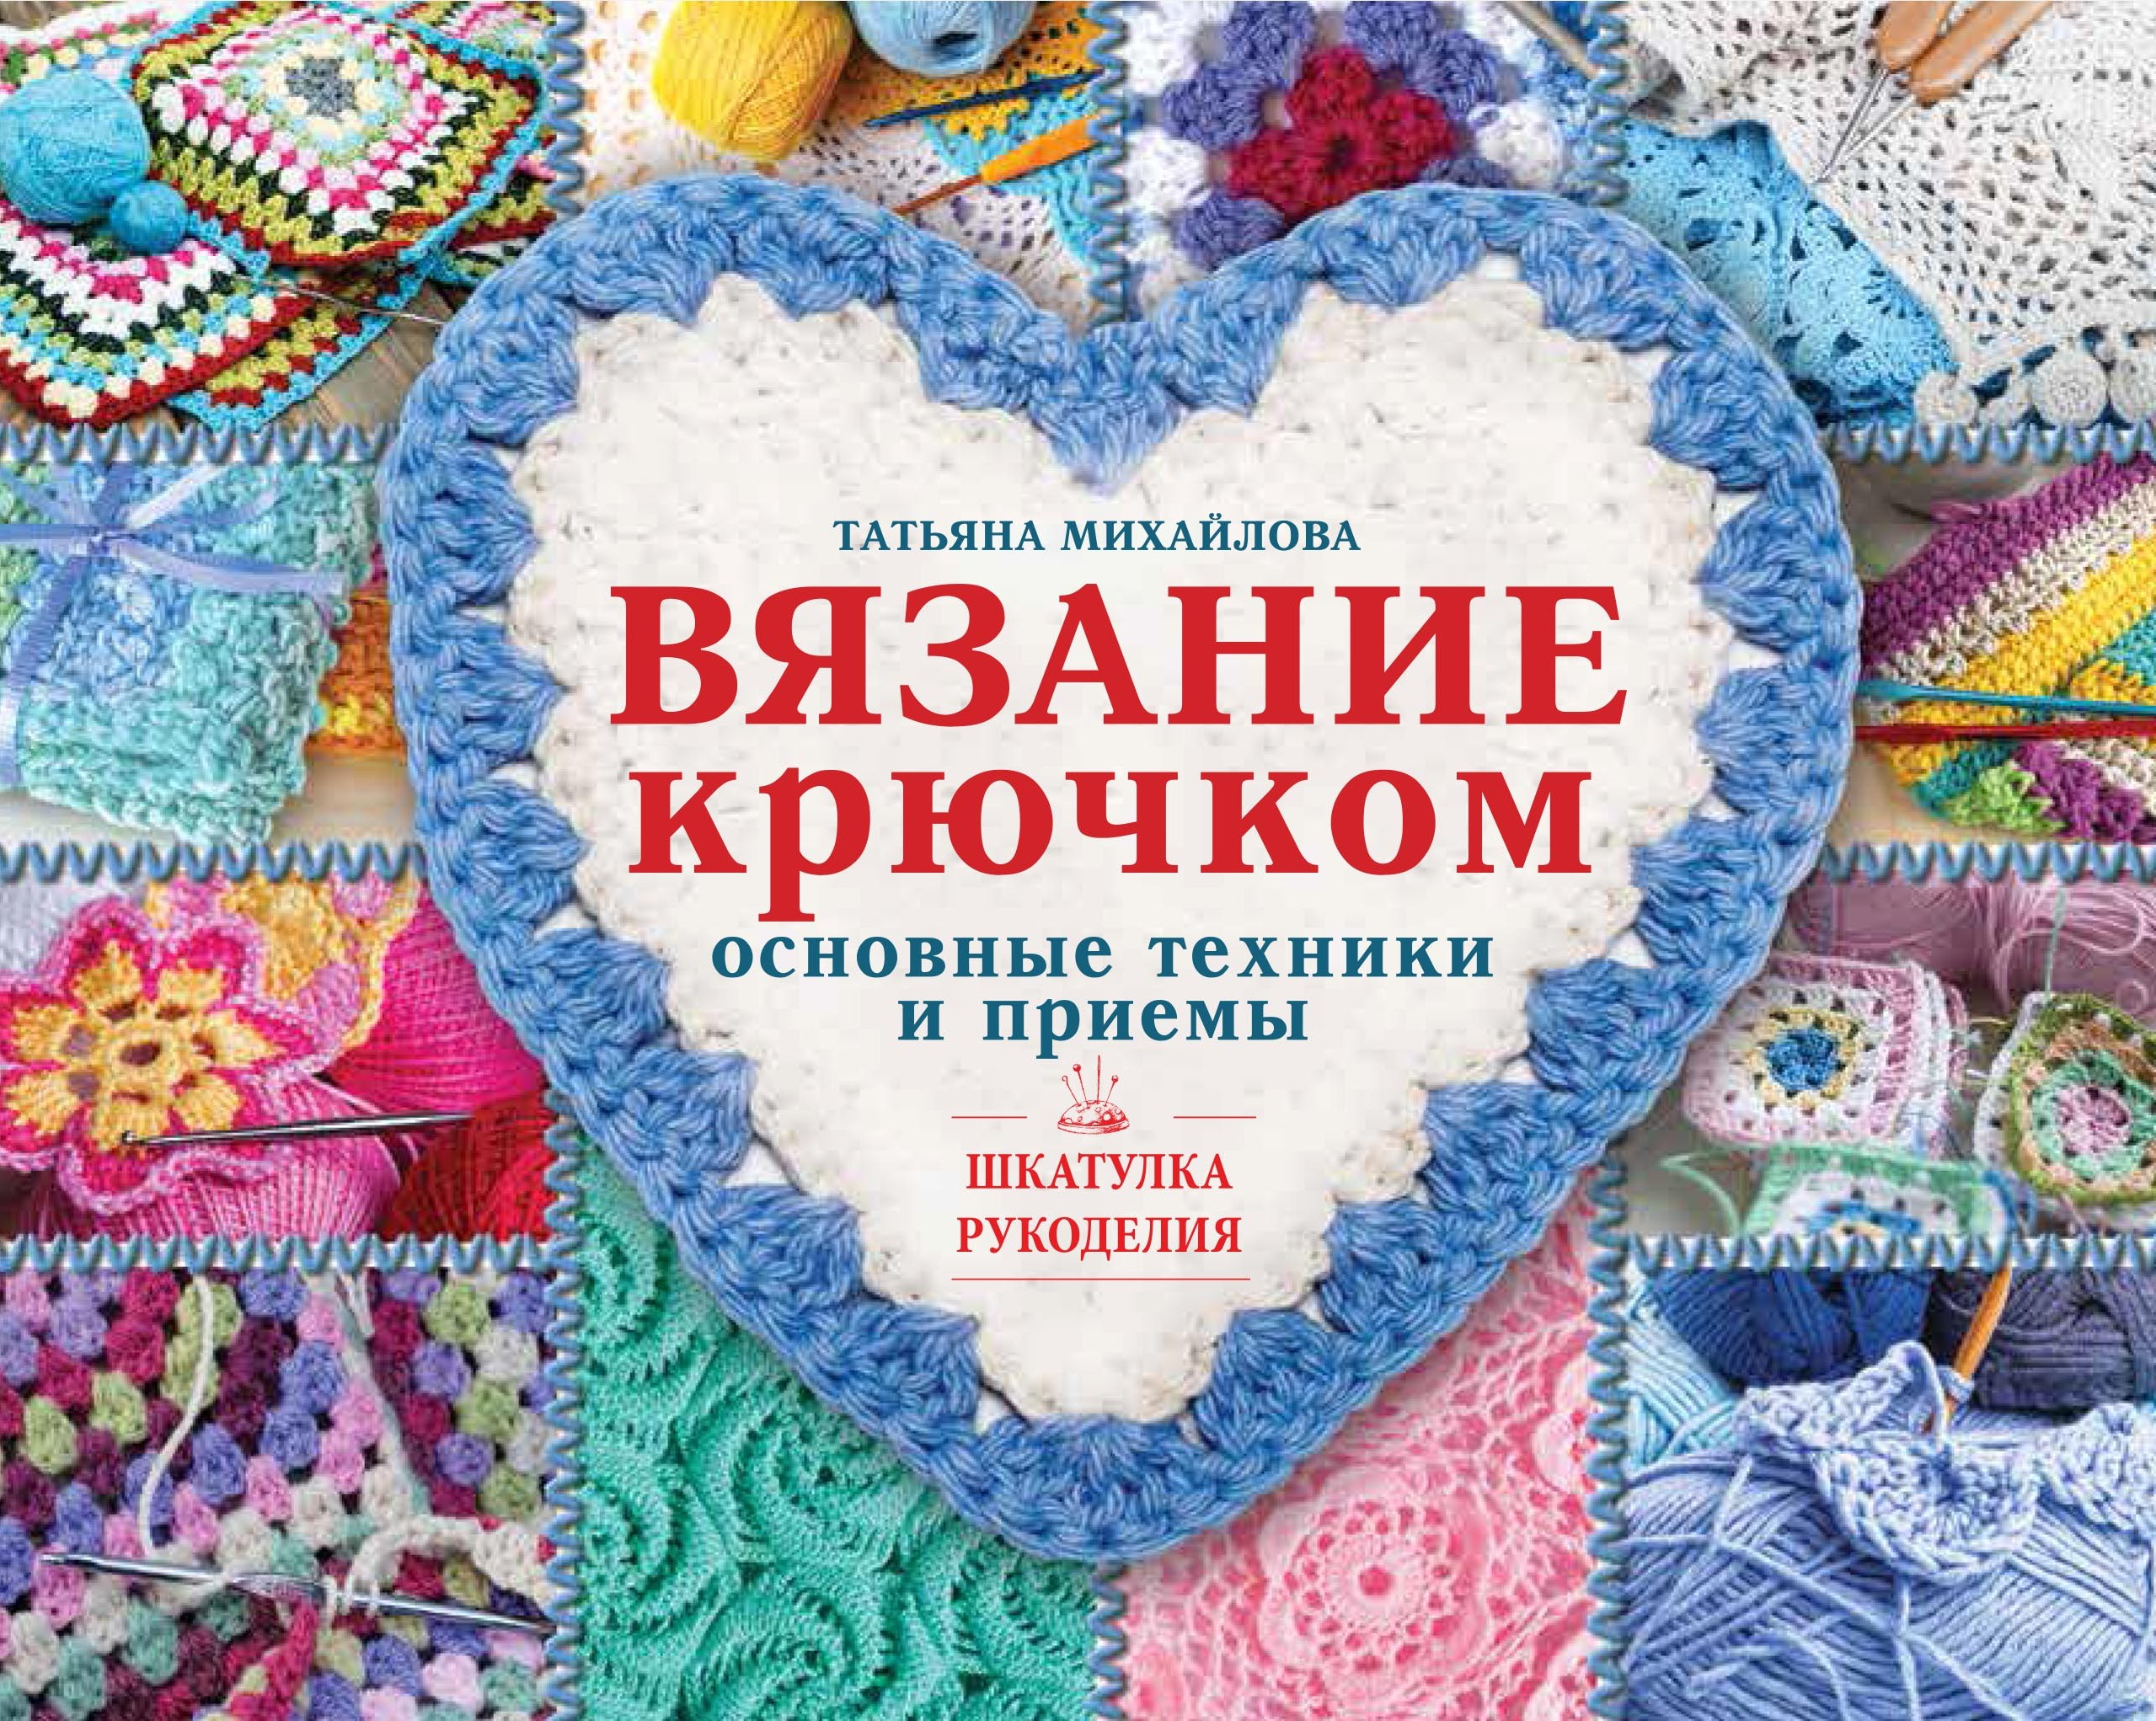 Михайлова Т.В. Вязание крючком: основные техники и приемы